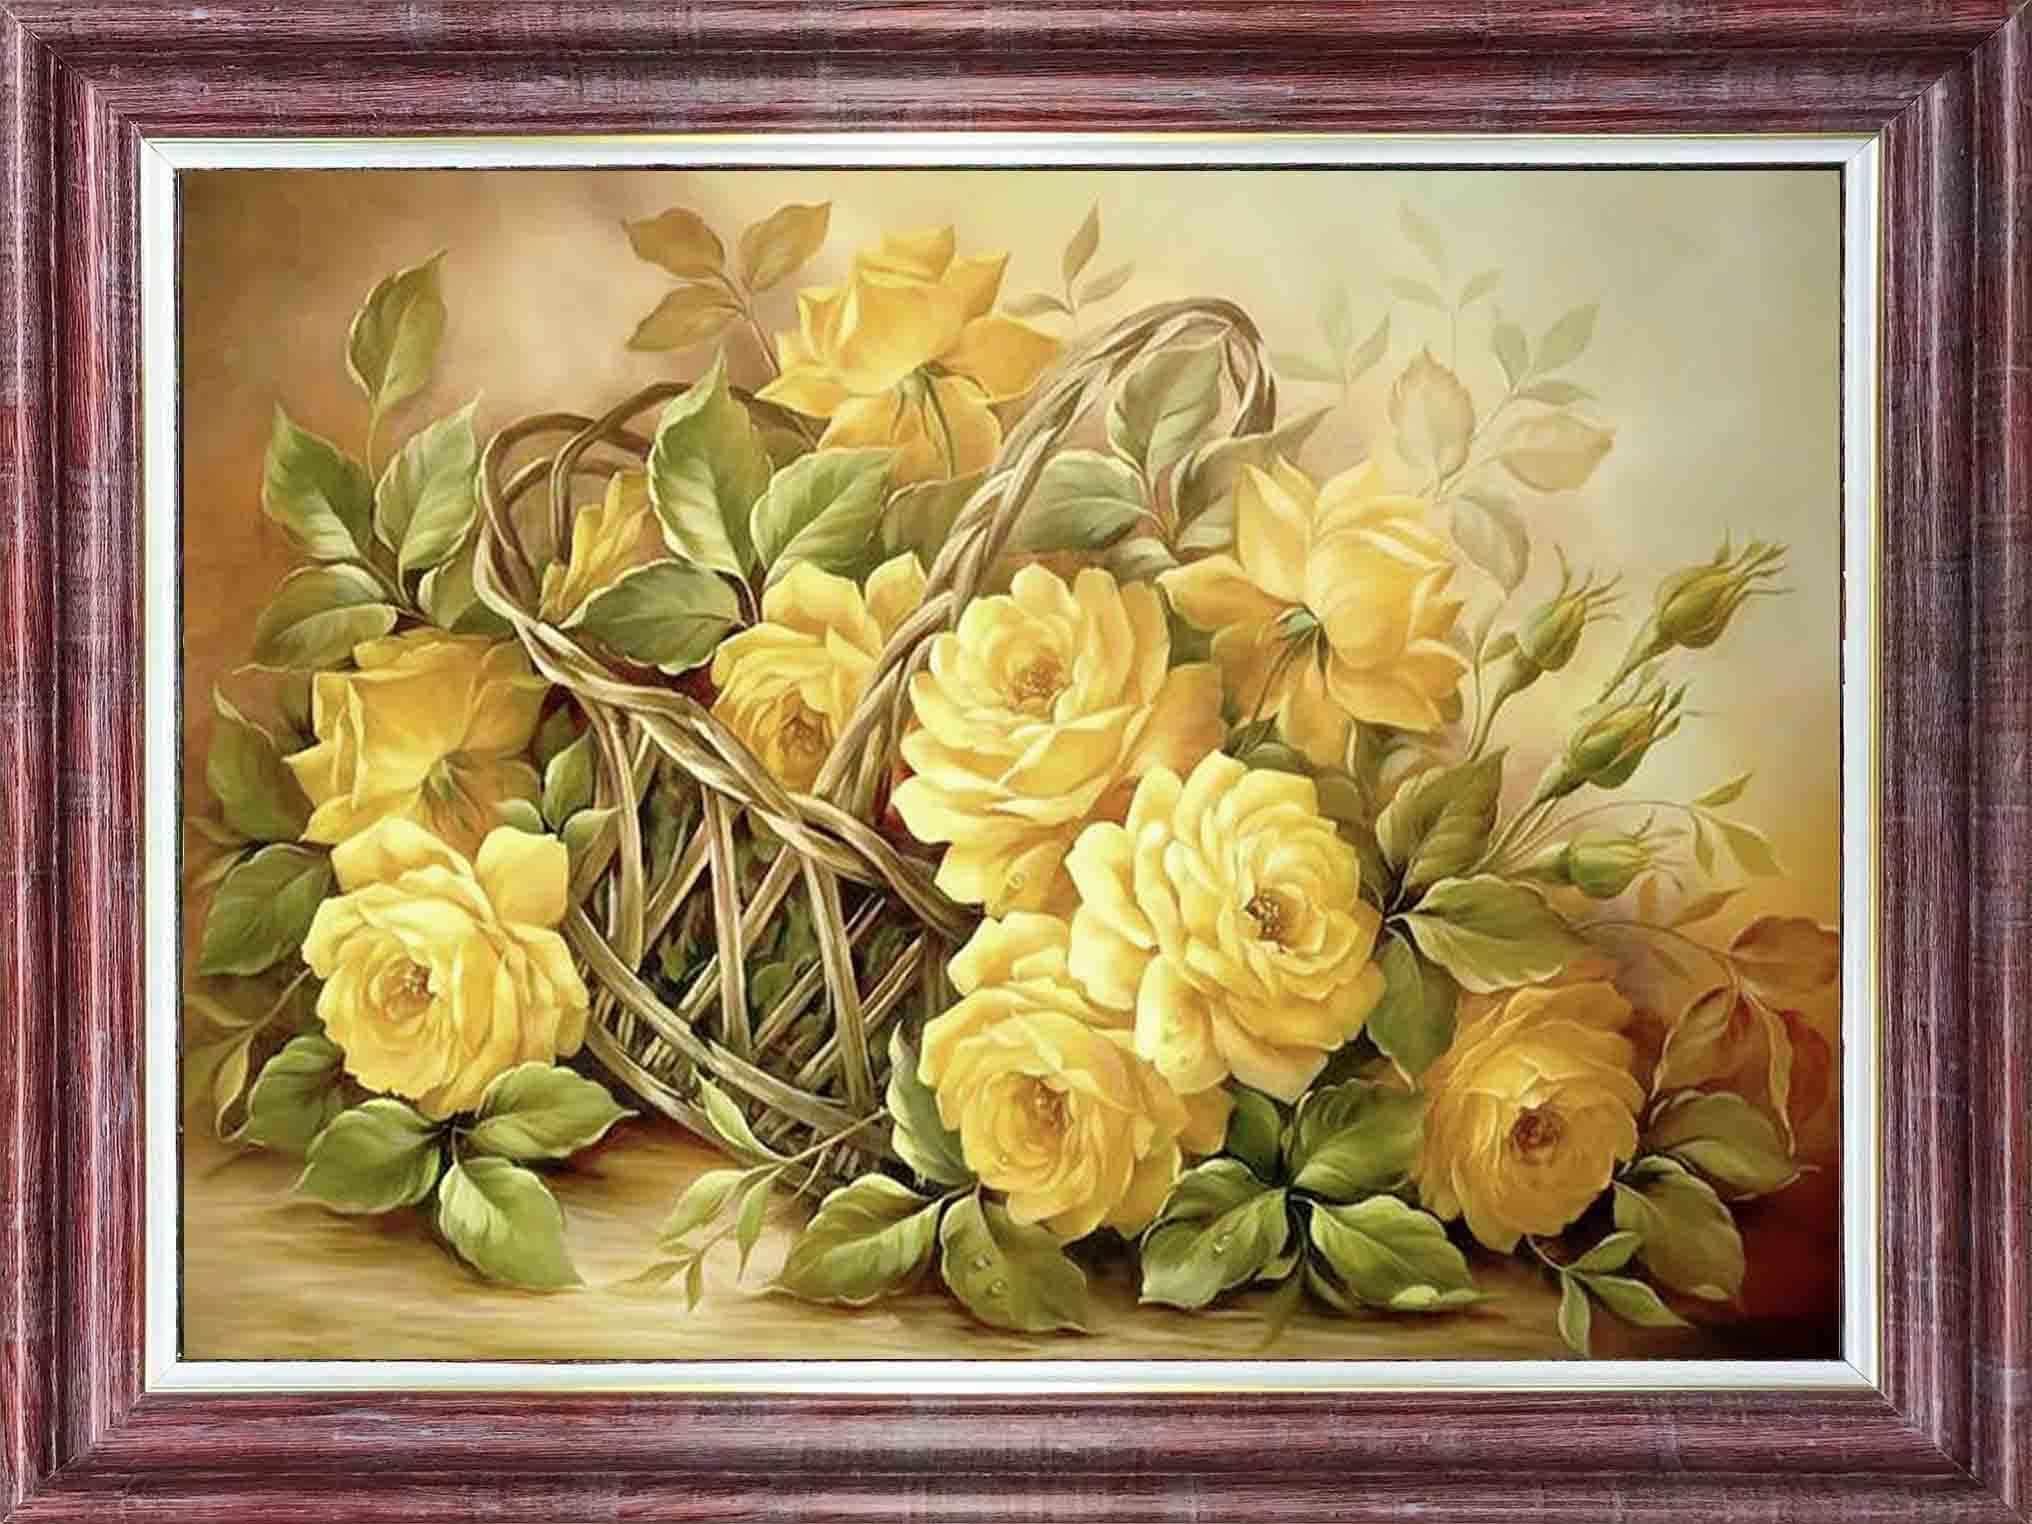 КЛ 3043 Желтые розы - схема для вышивания (Каролинка)